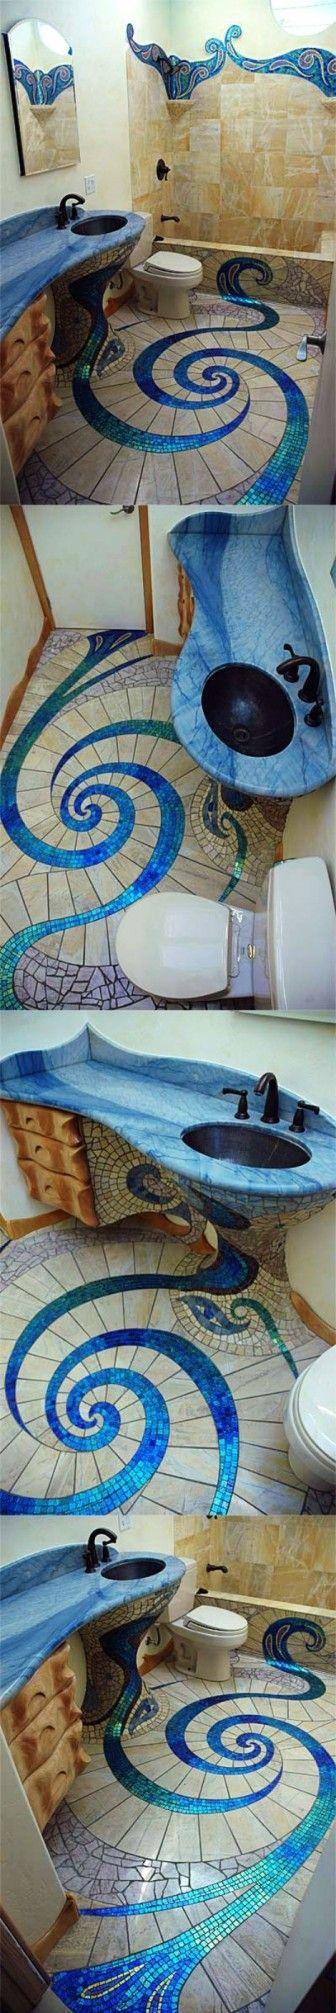 Banyoya Sanatçı Eli Değerse